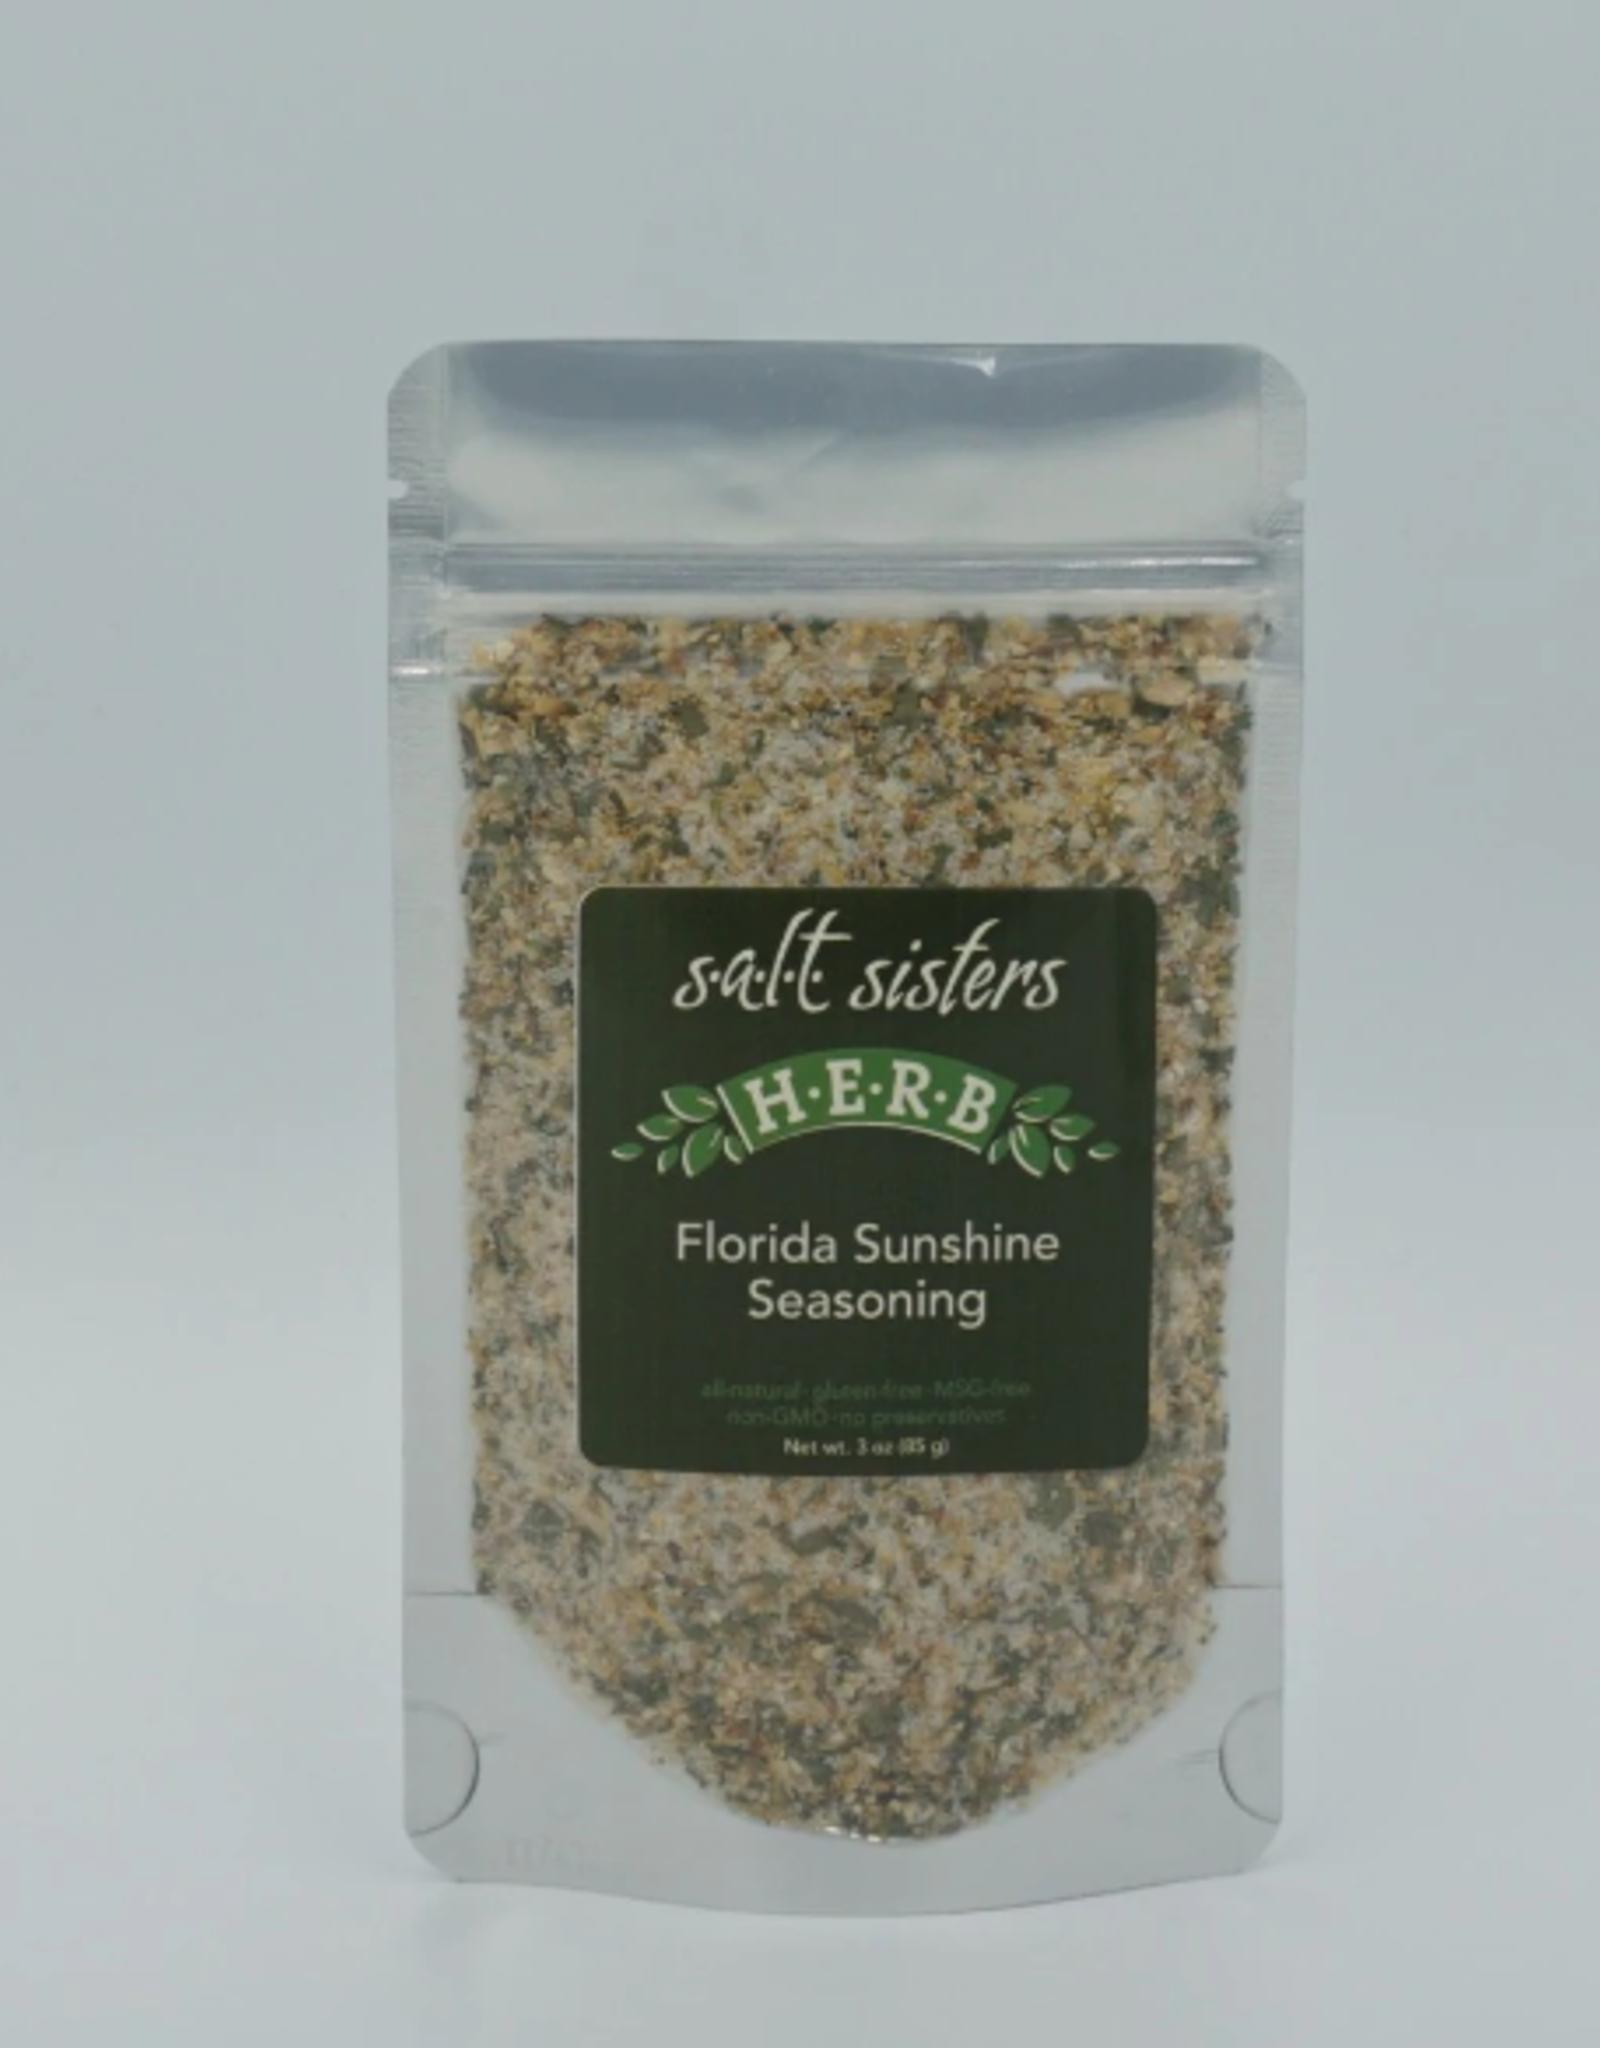 Salt Sisters Florida Sunshine Seasoning